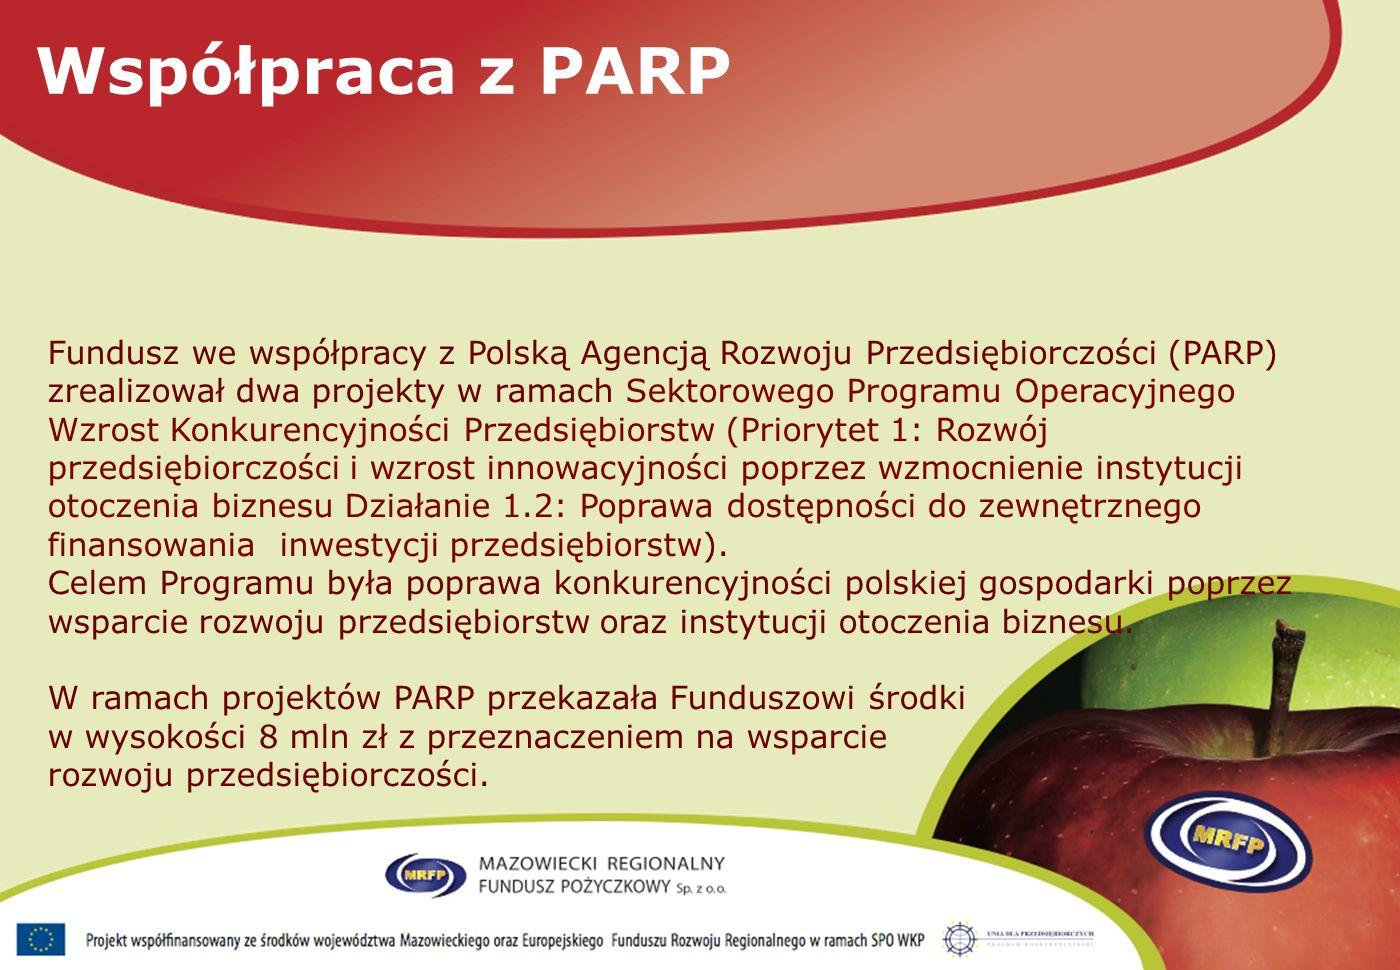 Fundusz we współpracy z Polską Agencją Rozwoju Przedsiębiorczości (PARP) zrealizował dwa projekty w ramach Sektorowego Programu Operacyjnego Wzrost Konkurencyjności Przedsiębiorstw (Priorytet 1: Rozwój przedsiębiorczości i wzrost innowacyjności poprzez wzmocnienie instytucji otoczenia biznesu Działanie 1.2: Poprawa dostępności do zewnętrznego finansowania inwestycji przedsiębiorstw).